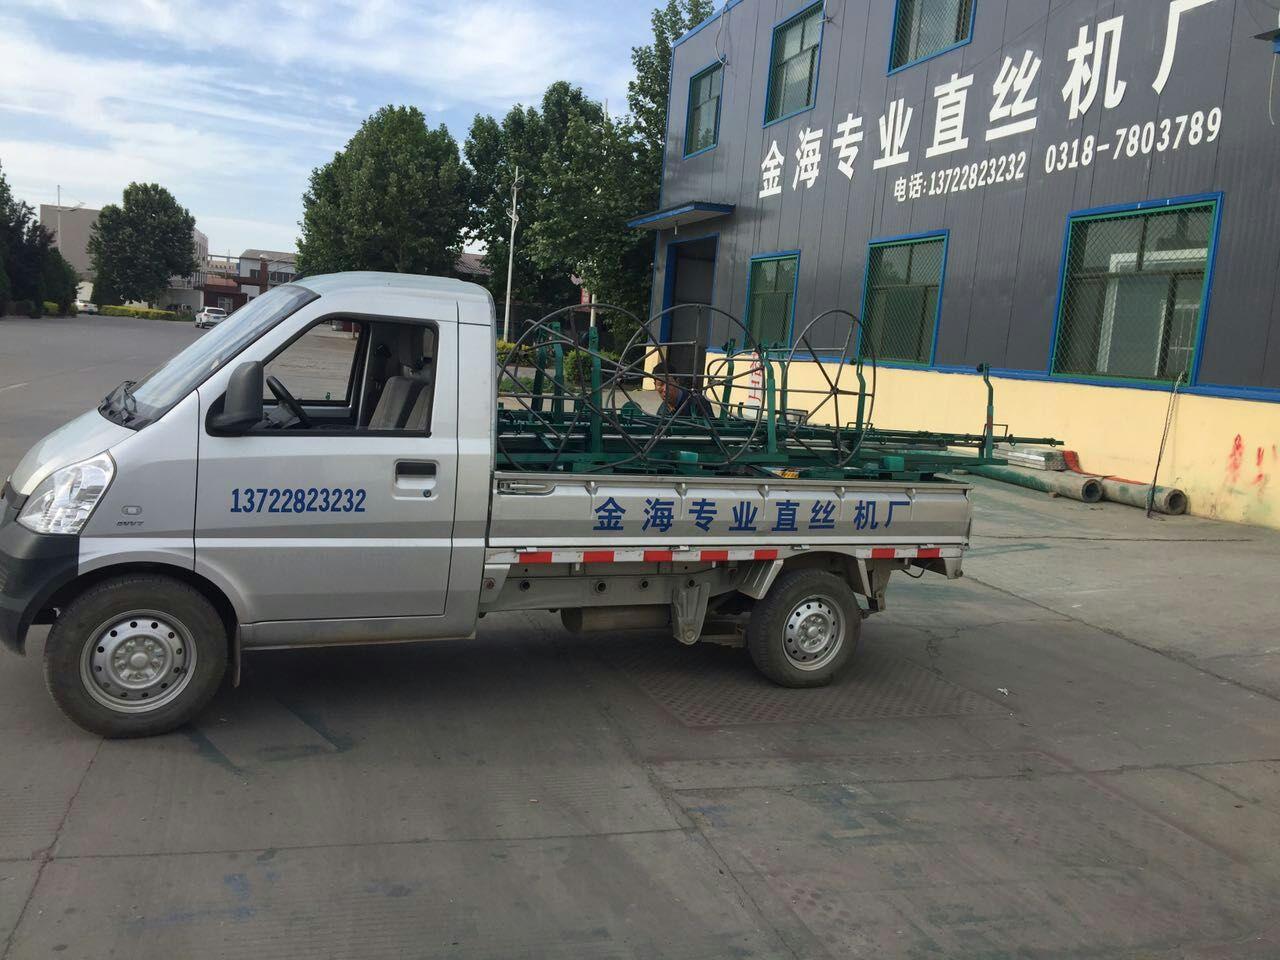 吉林厂家定做中型cmp冠军国际【cmp冠军国际机械】山东供应商